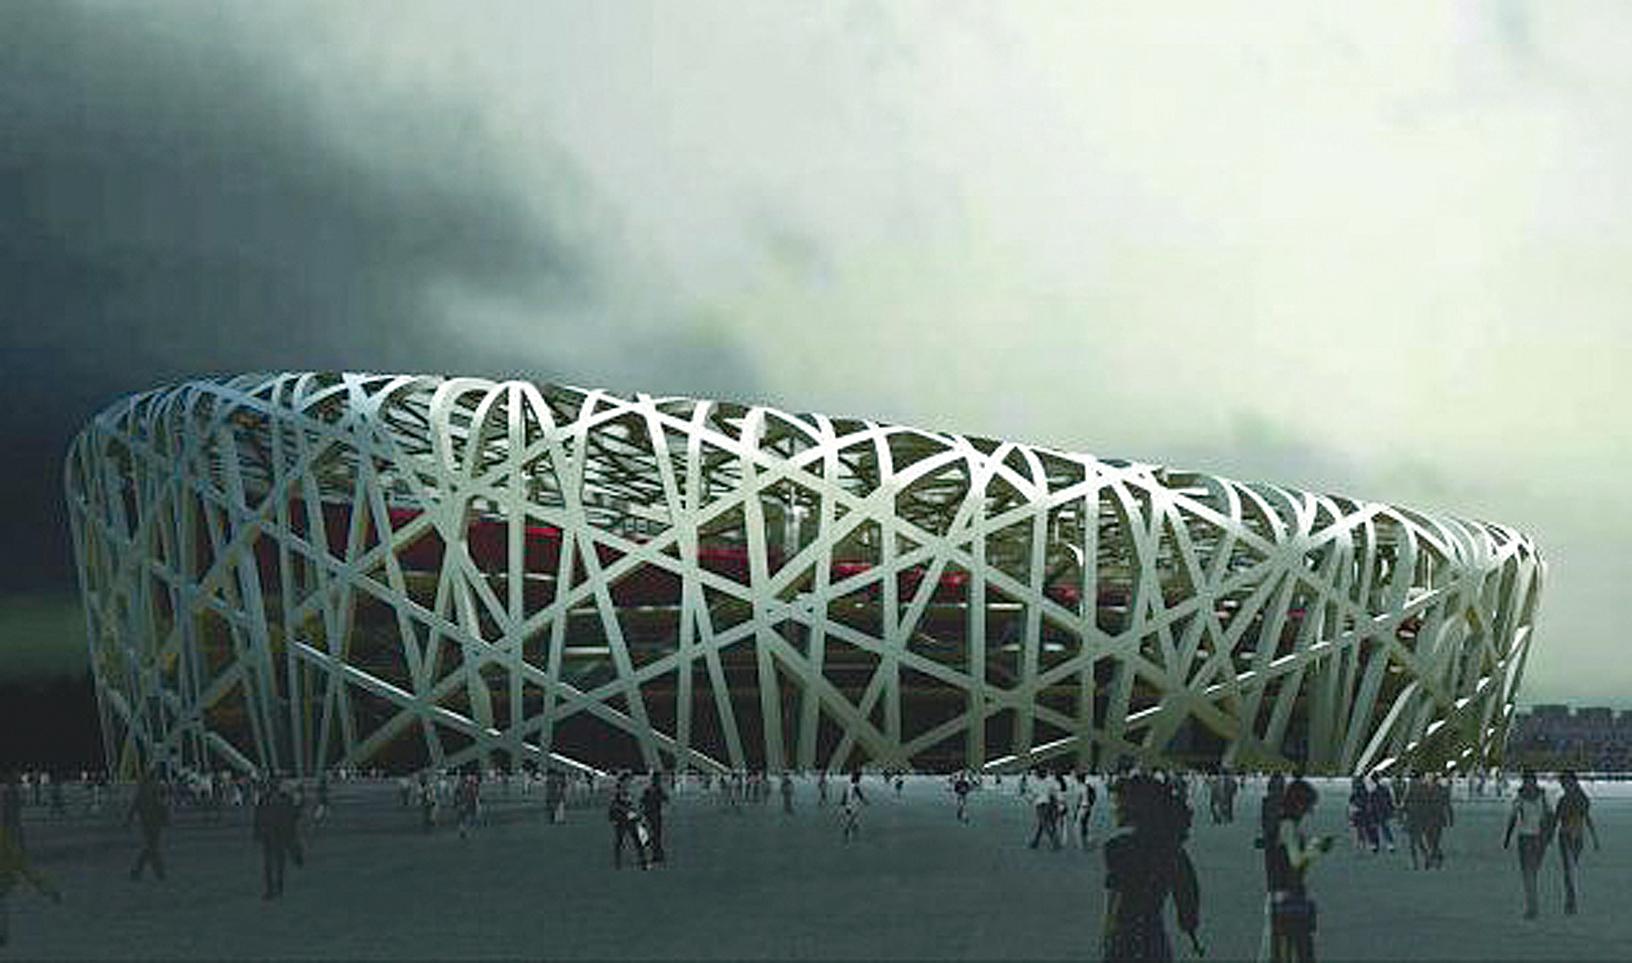 中共耗費鉅資大手筆興建的奧運主館「鳥巢」。(AFP PHOTO)